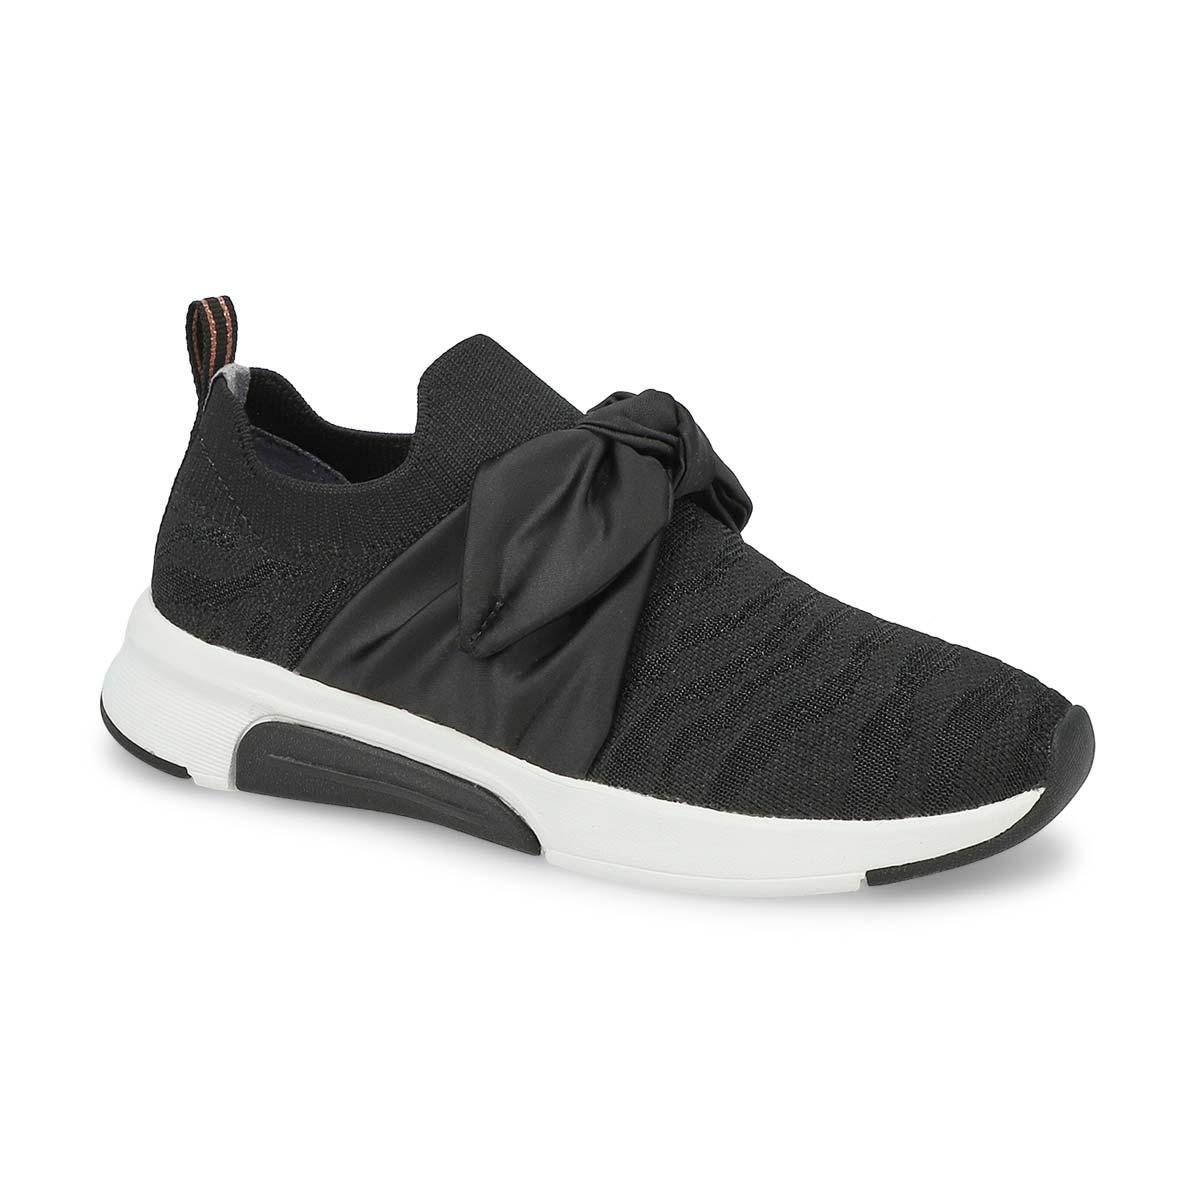 Girls' Modern Jogger Slip On Sneaker - Black